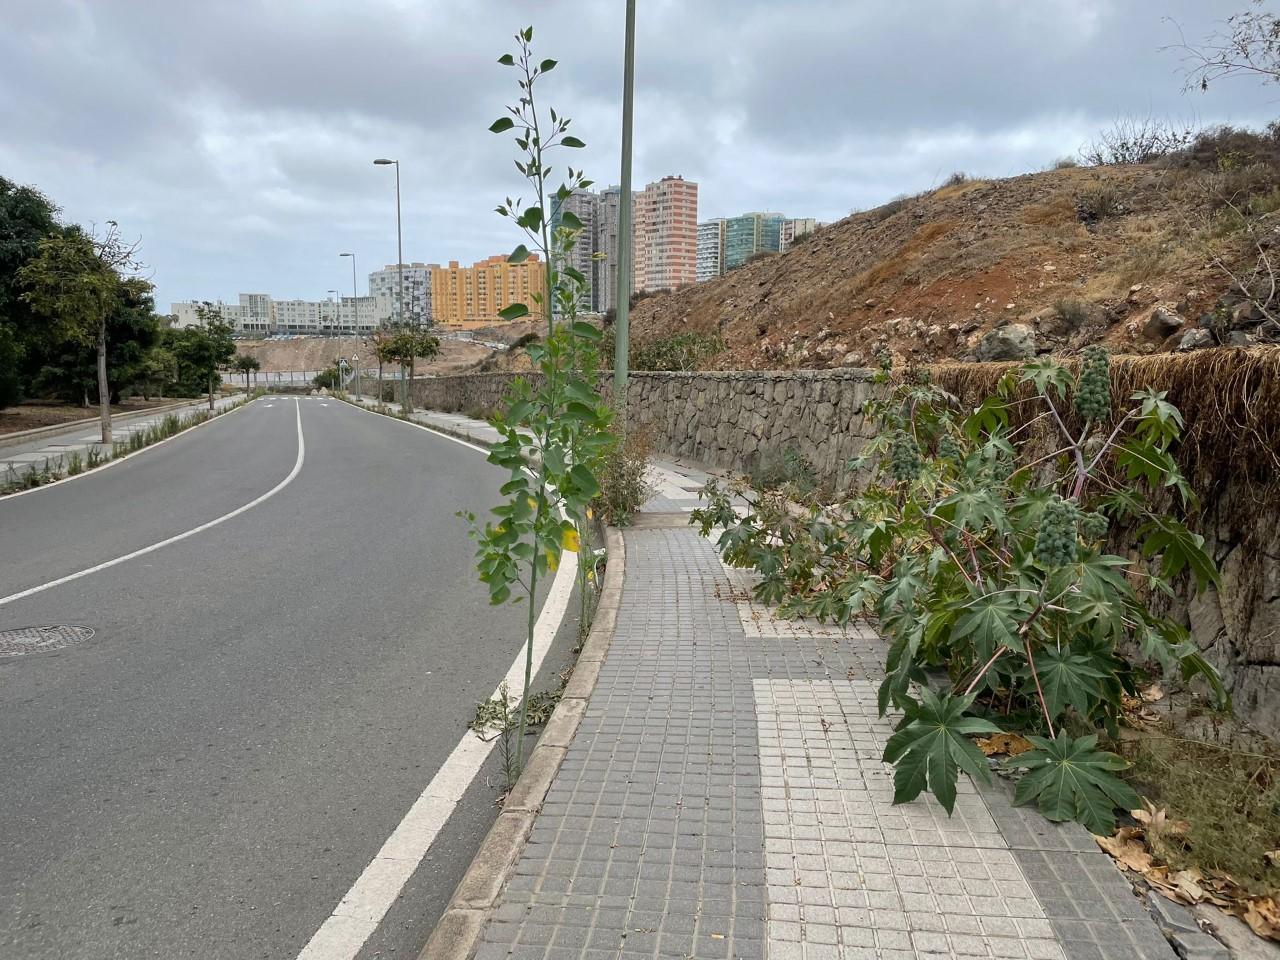 Suciedad y abandono en Las palmas de Gran Canaria/ canariasnoticias